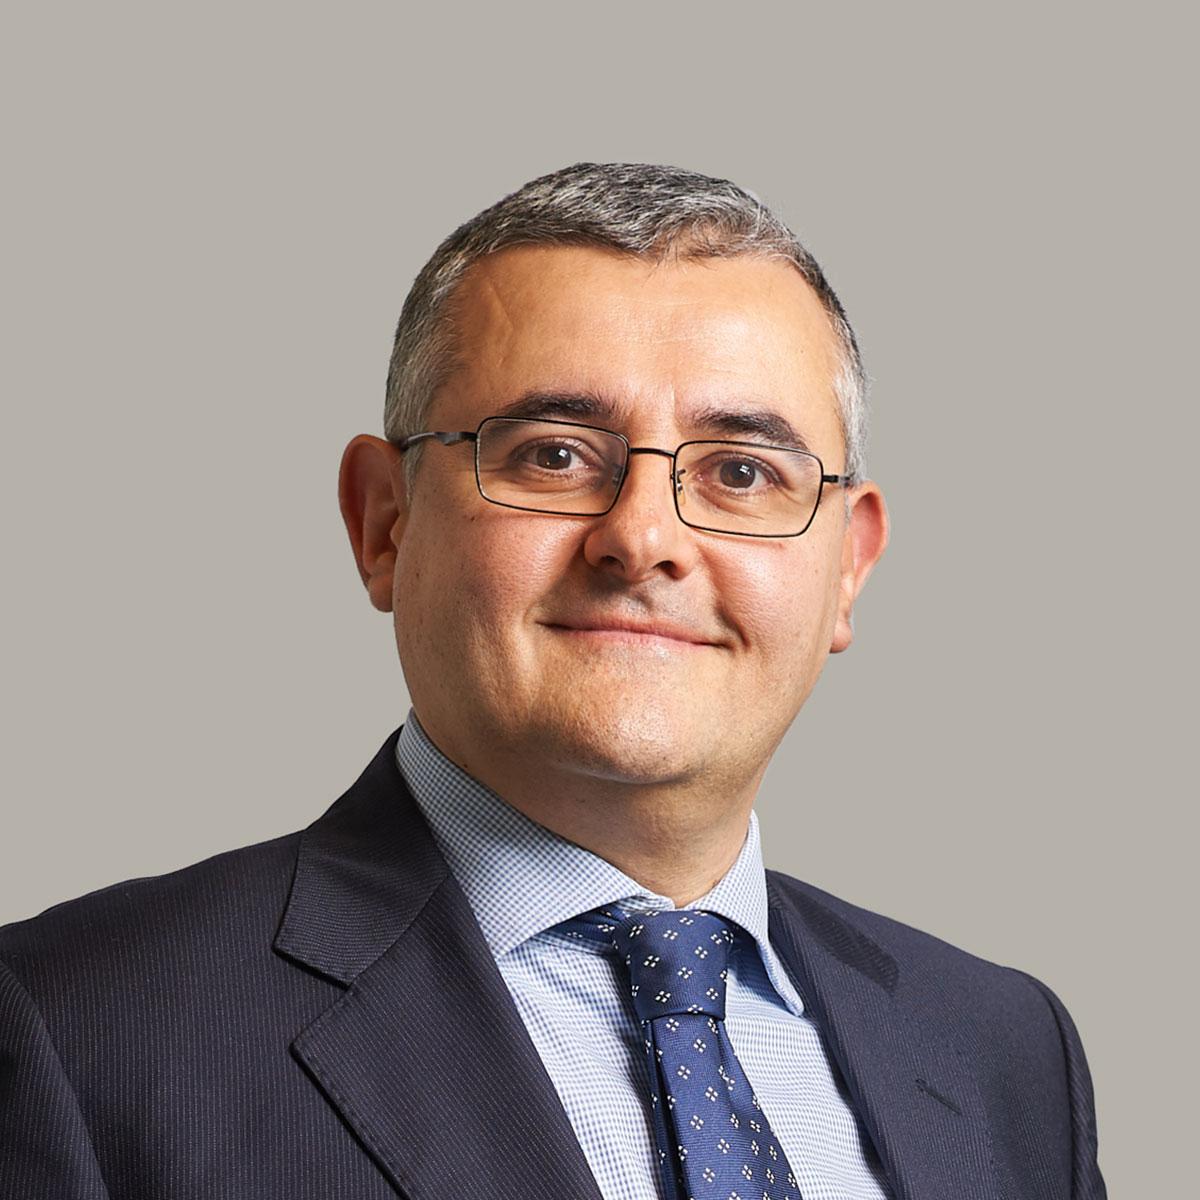 Salvatore Pennacchio